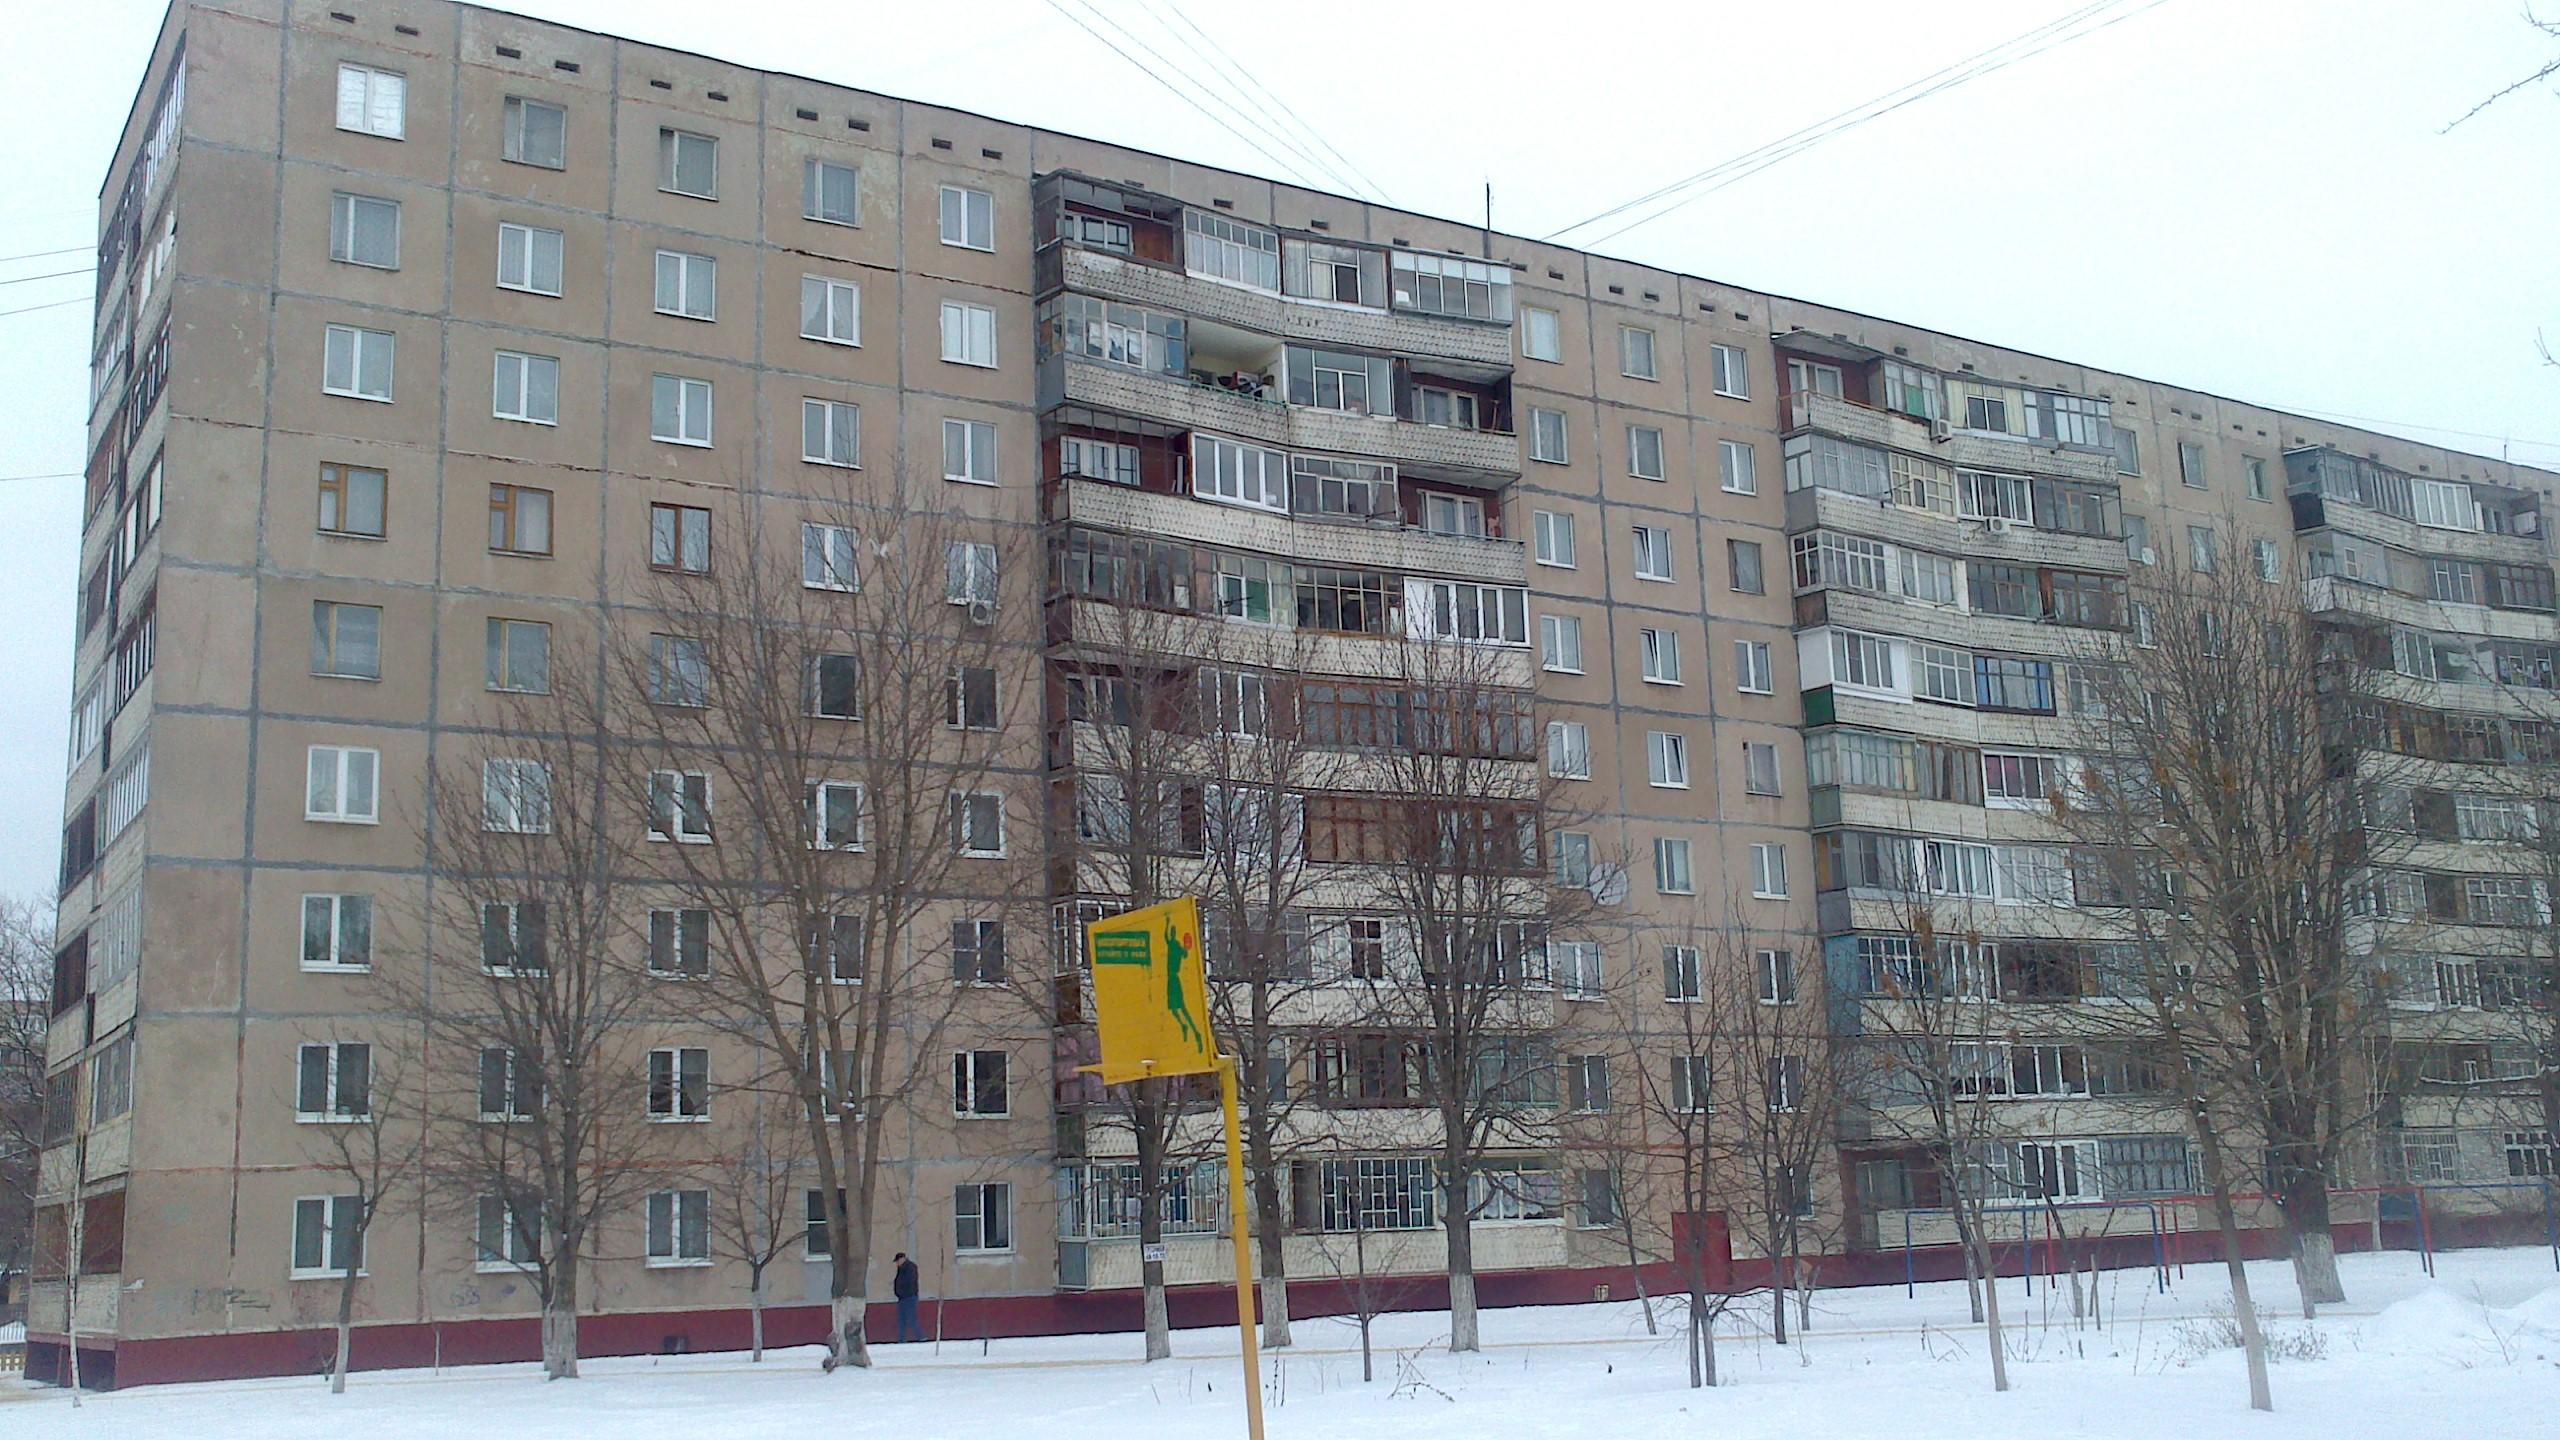 3 этап замены лифтового оборудования, расположенного по адресу: г. Орел, ул. Черкасская д.72